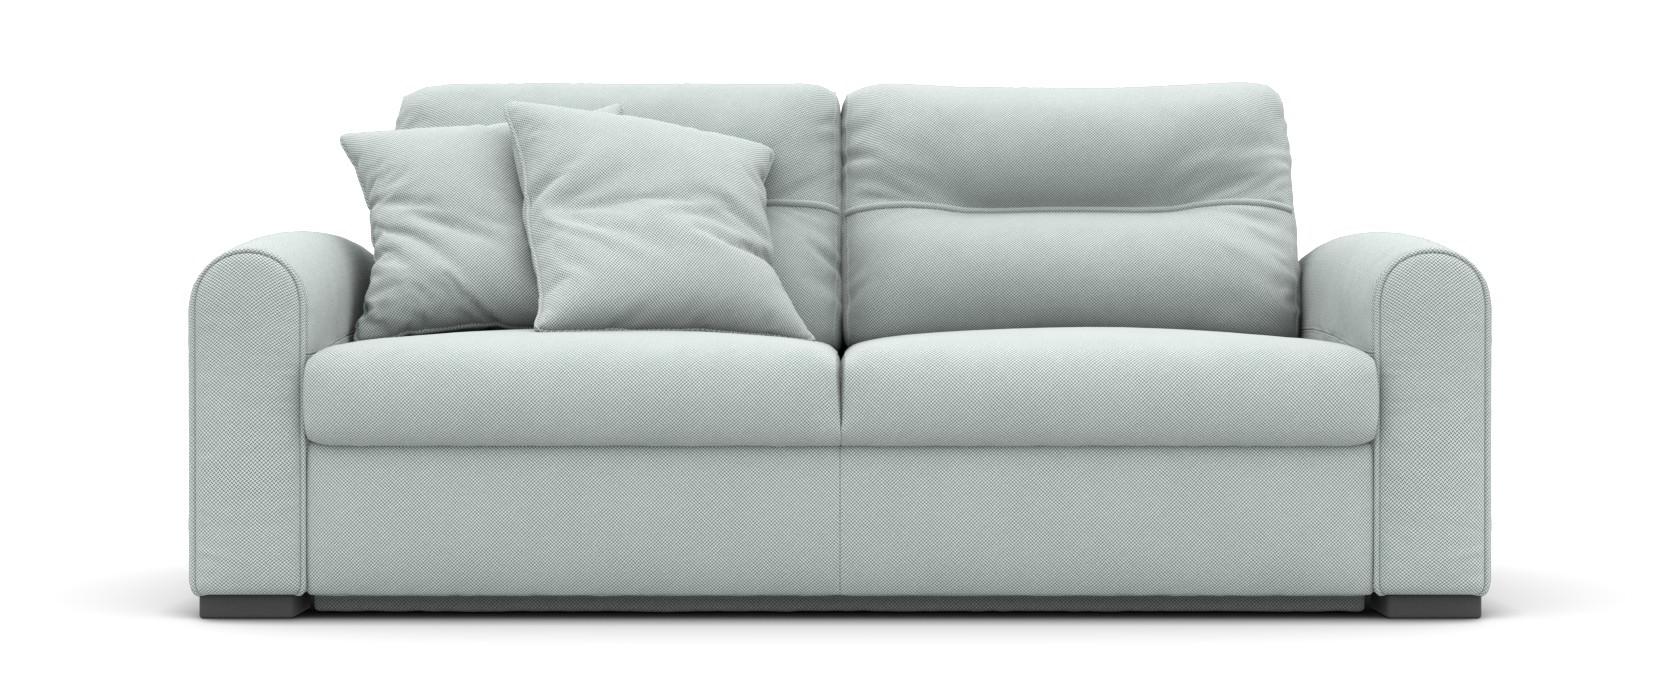 Full Size of 2 Sitzer Sofas Und Couches Online Kaufen Renetti Passt Zu Dir Xora Sofa Mit Schlaffunktion 3 Grau Relaxfunktion Regal 20 Cm Tief Erpo Canape Bett 160x200 Sofa 2 Sitzer Sofa Mit Schlaffunktion